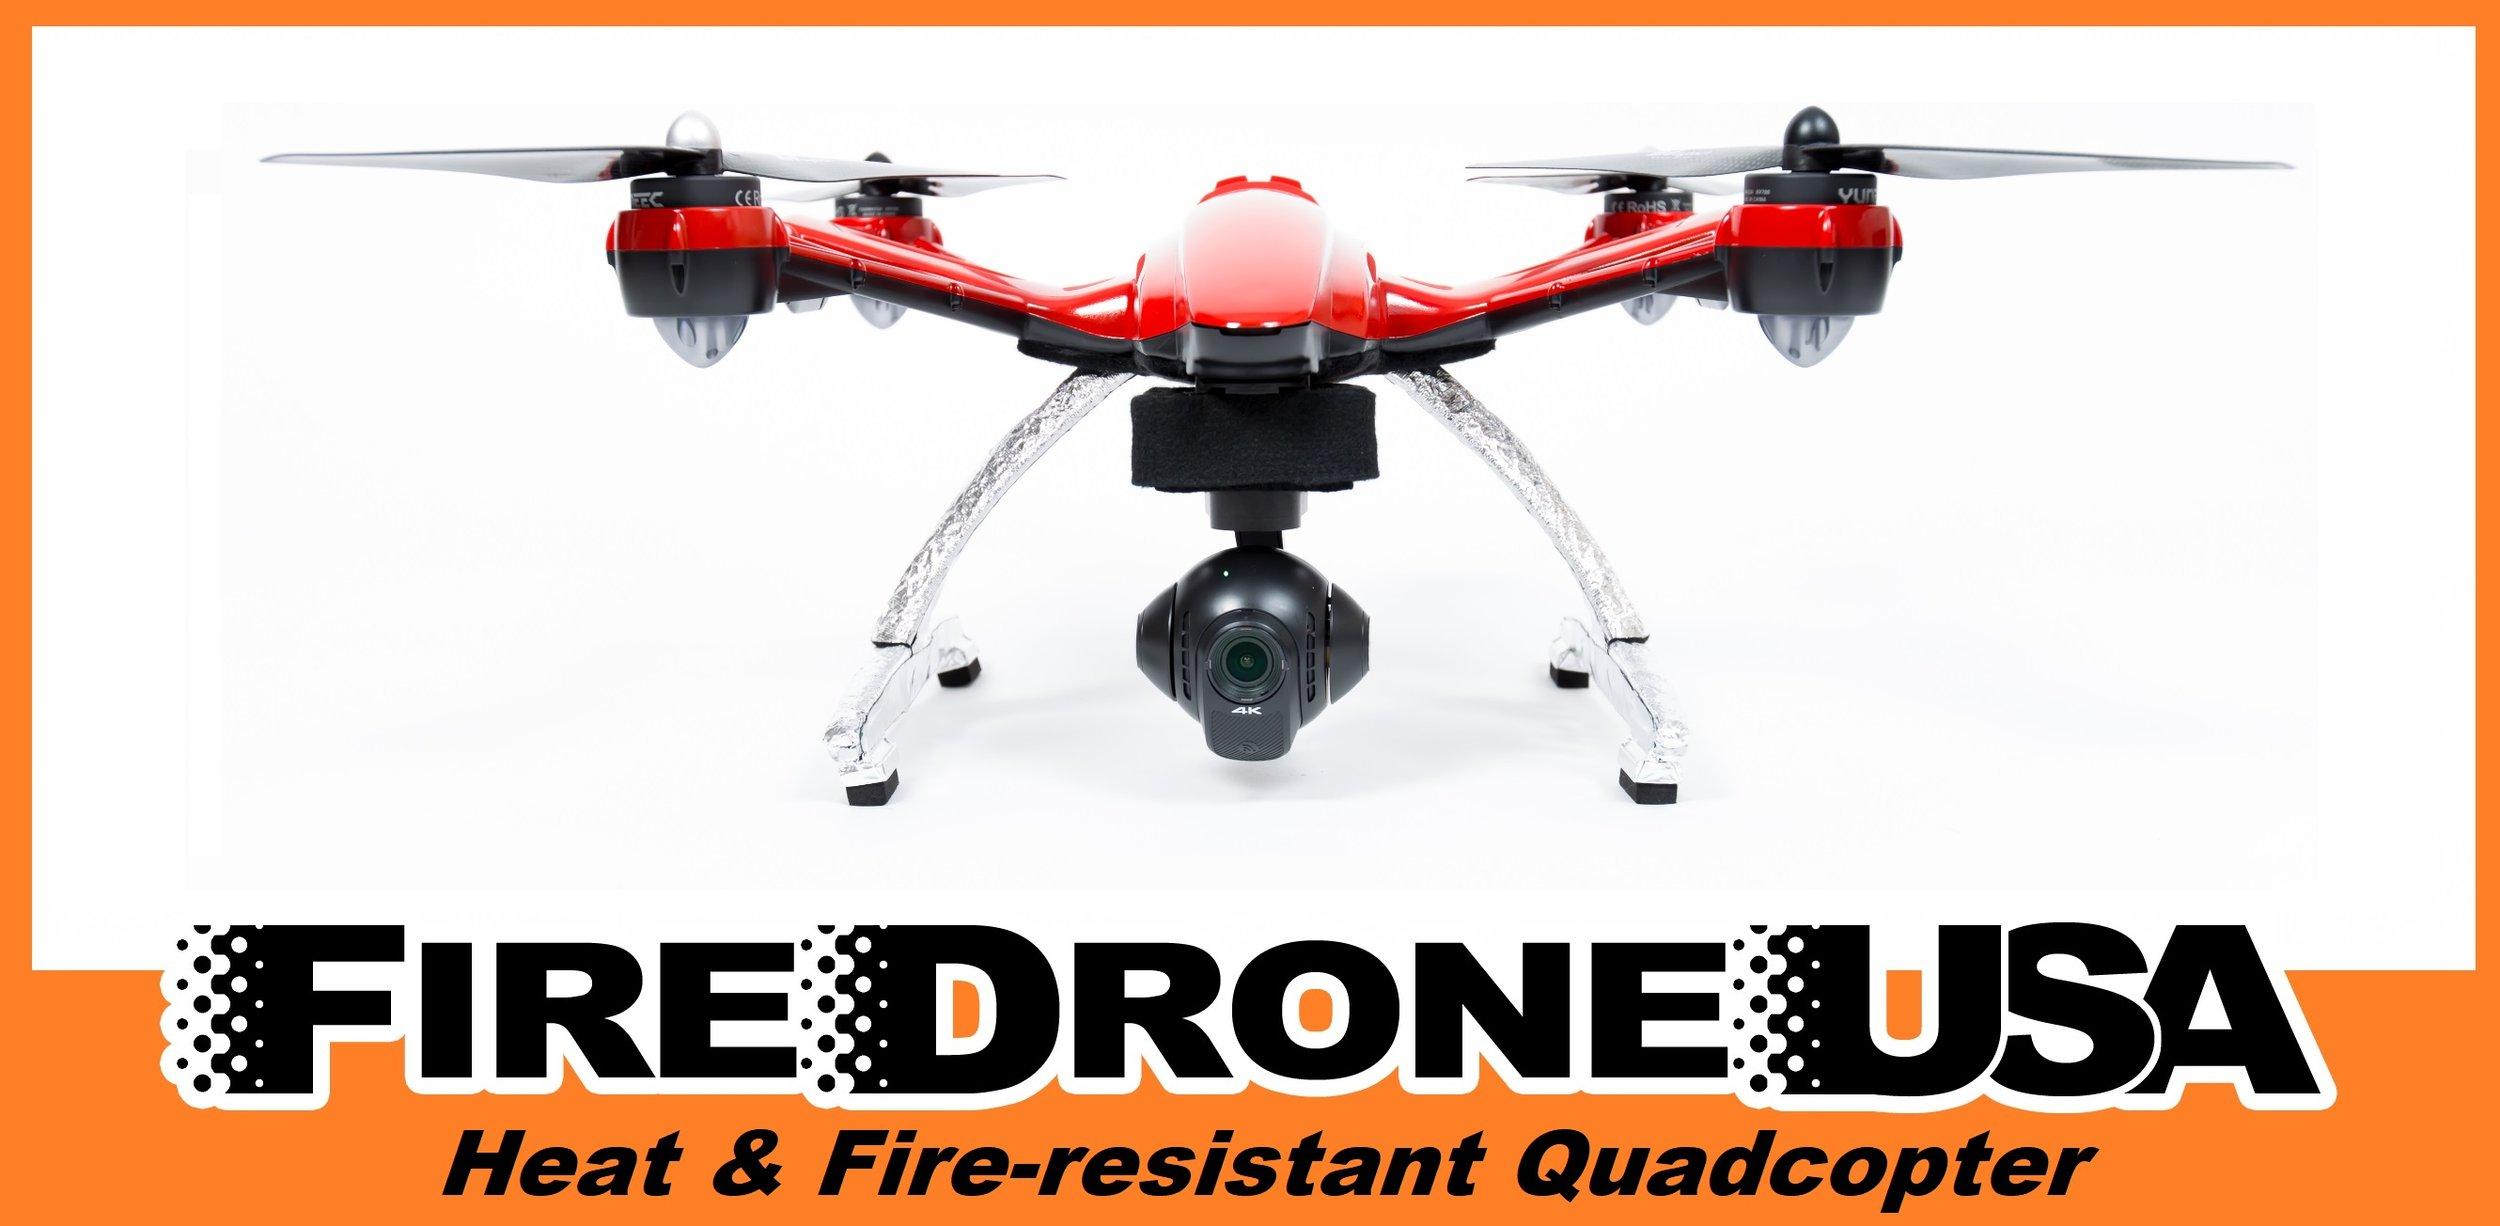 01 Quadcopter FD-USA.jpg